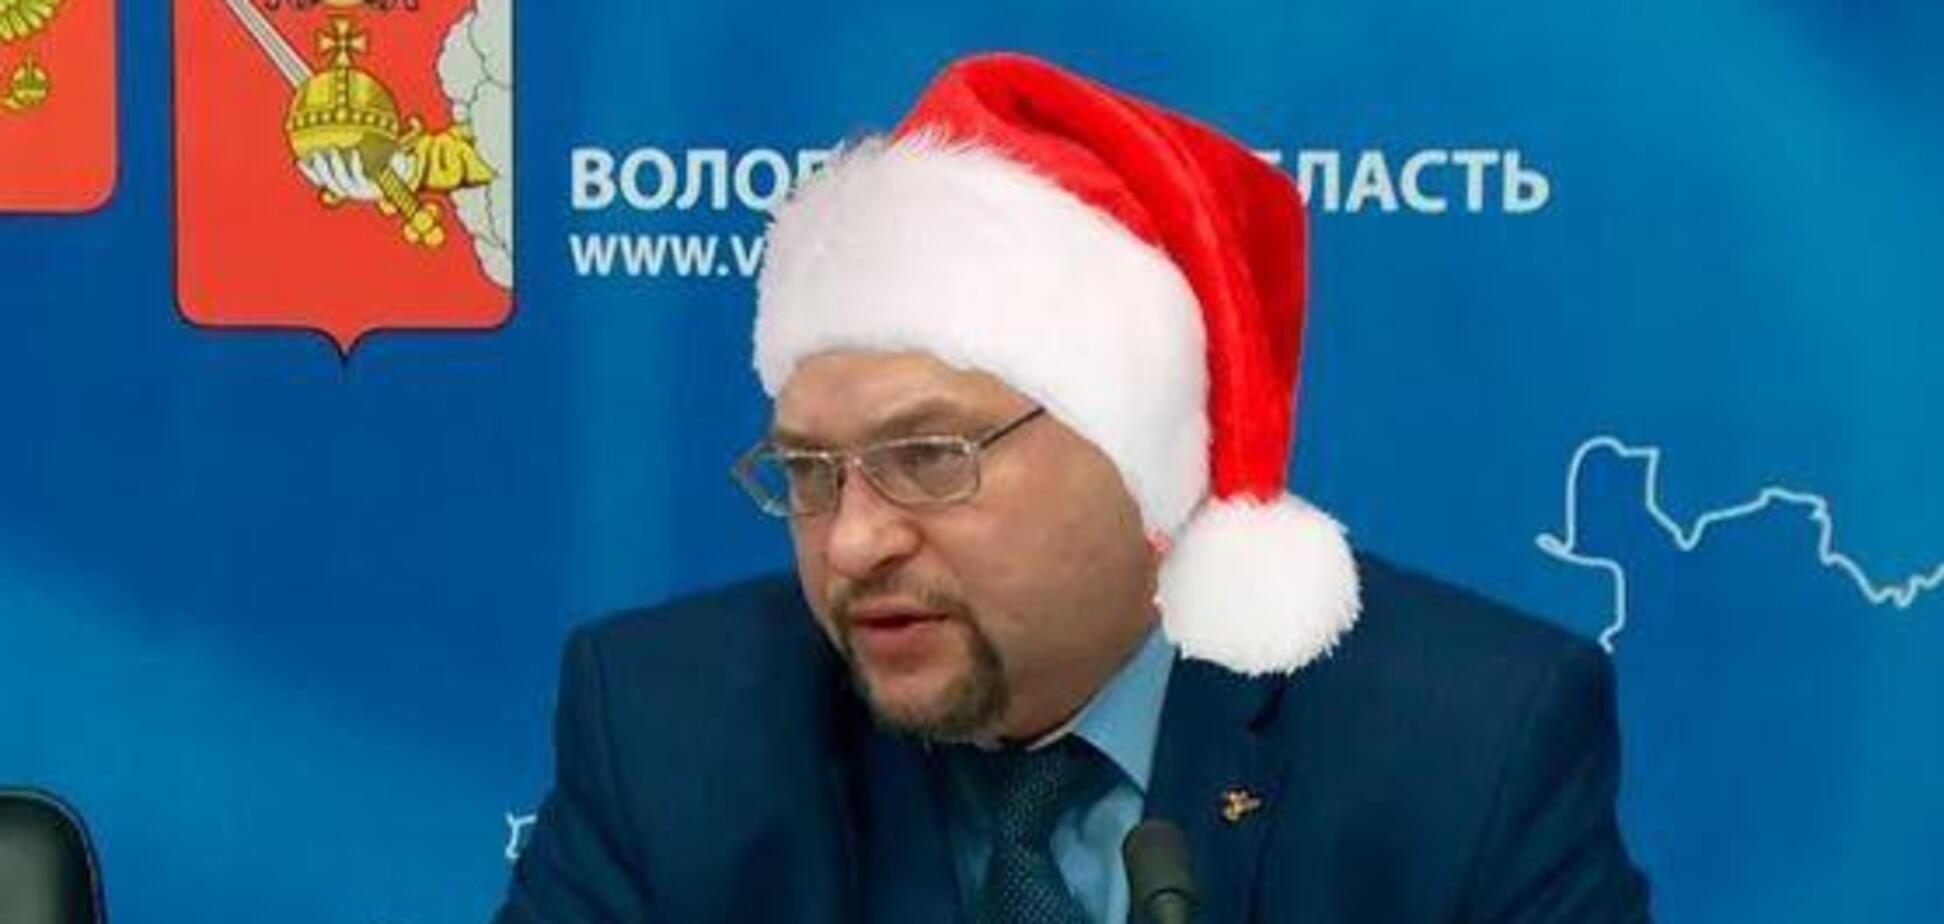 У Росії розбився власник вотчини Діда Мороза